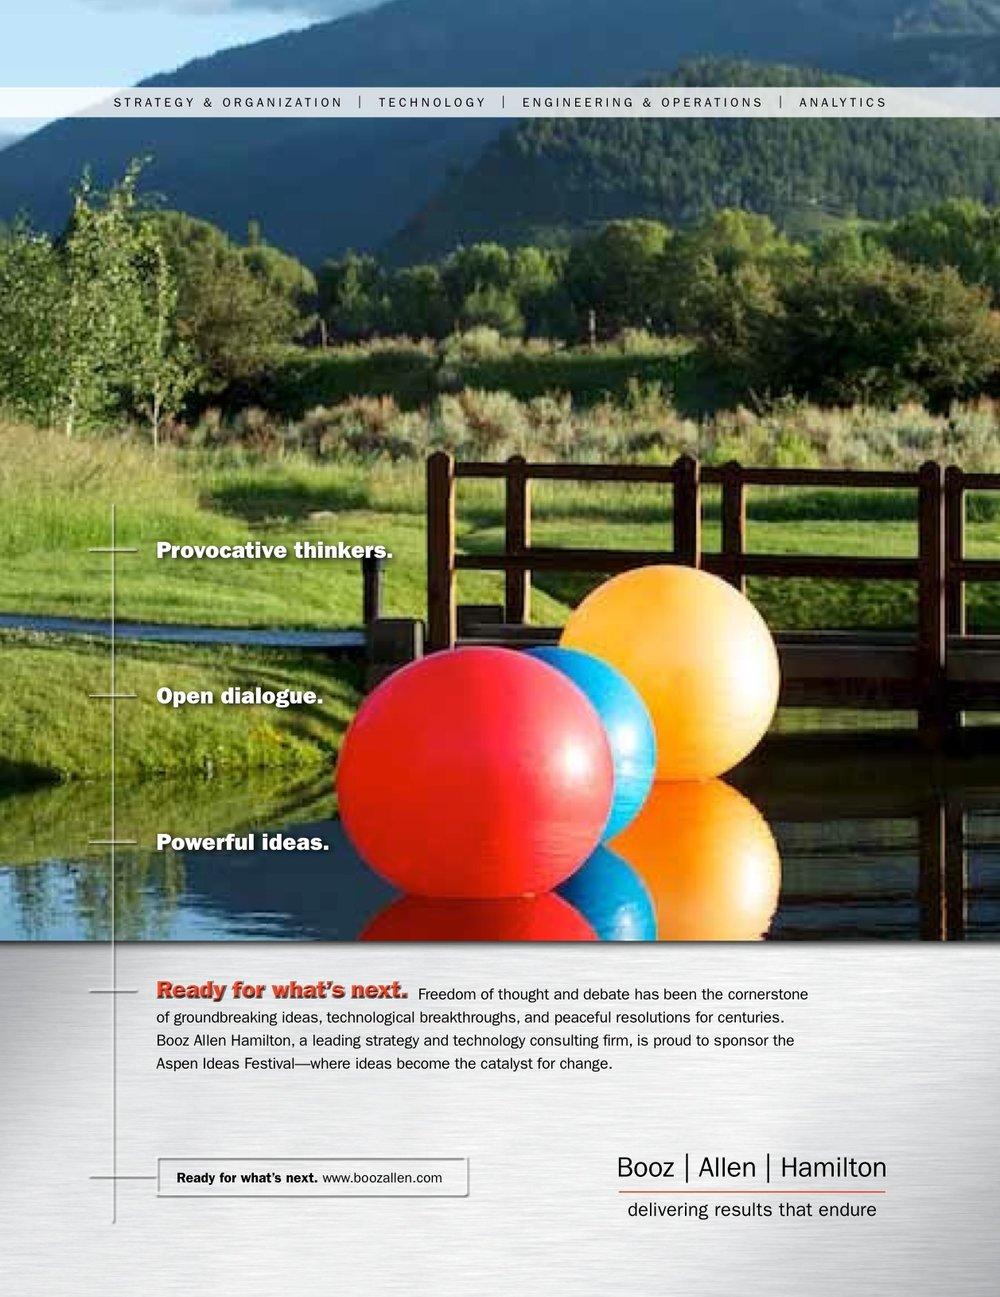 RCA_Covers_BA11-106_Aspen Ideas Festival Ad_041111B.jpg